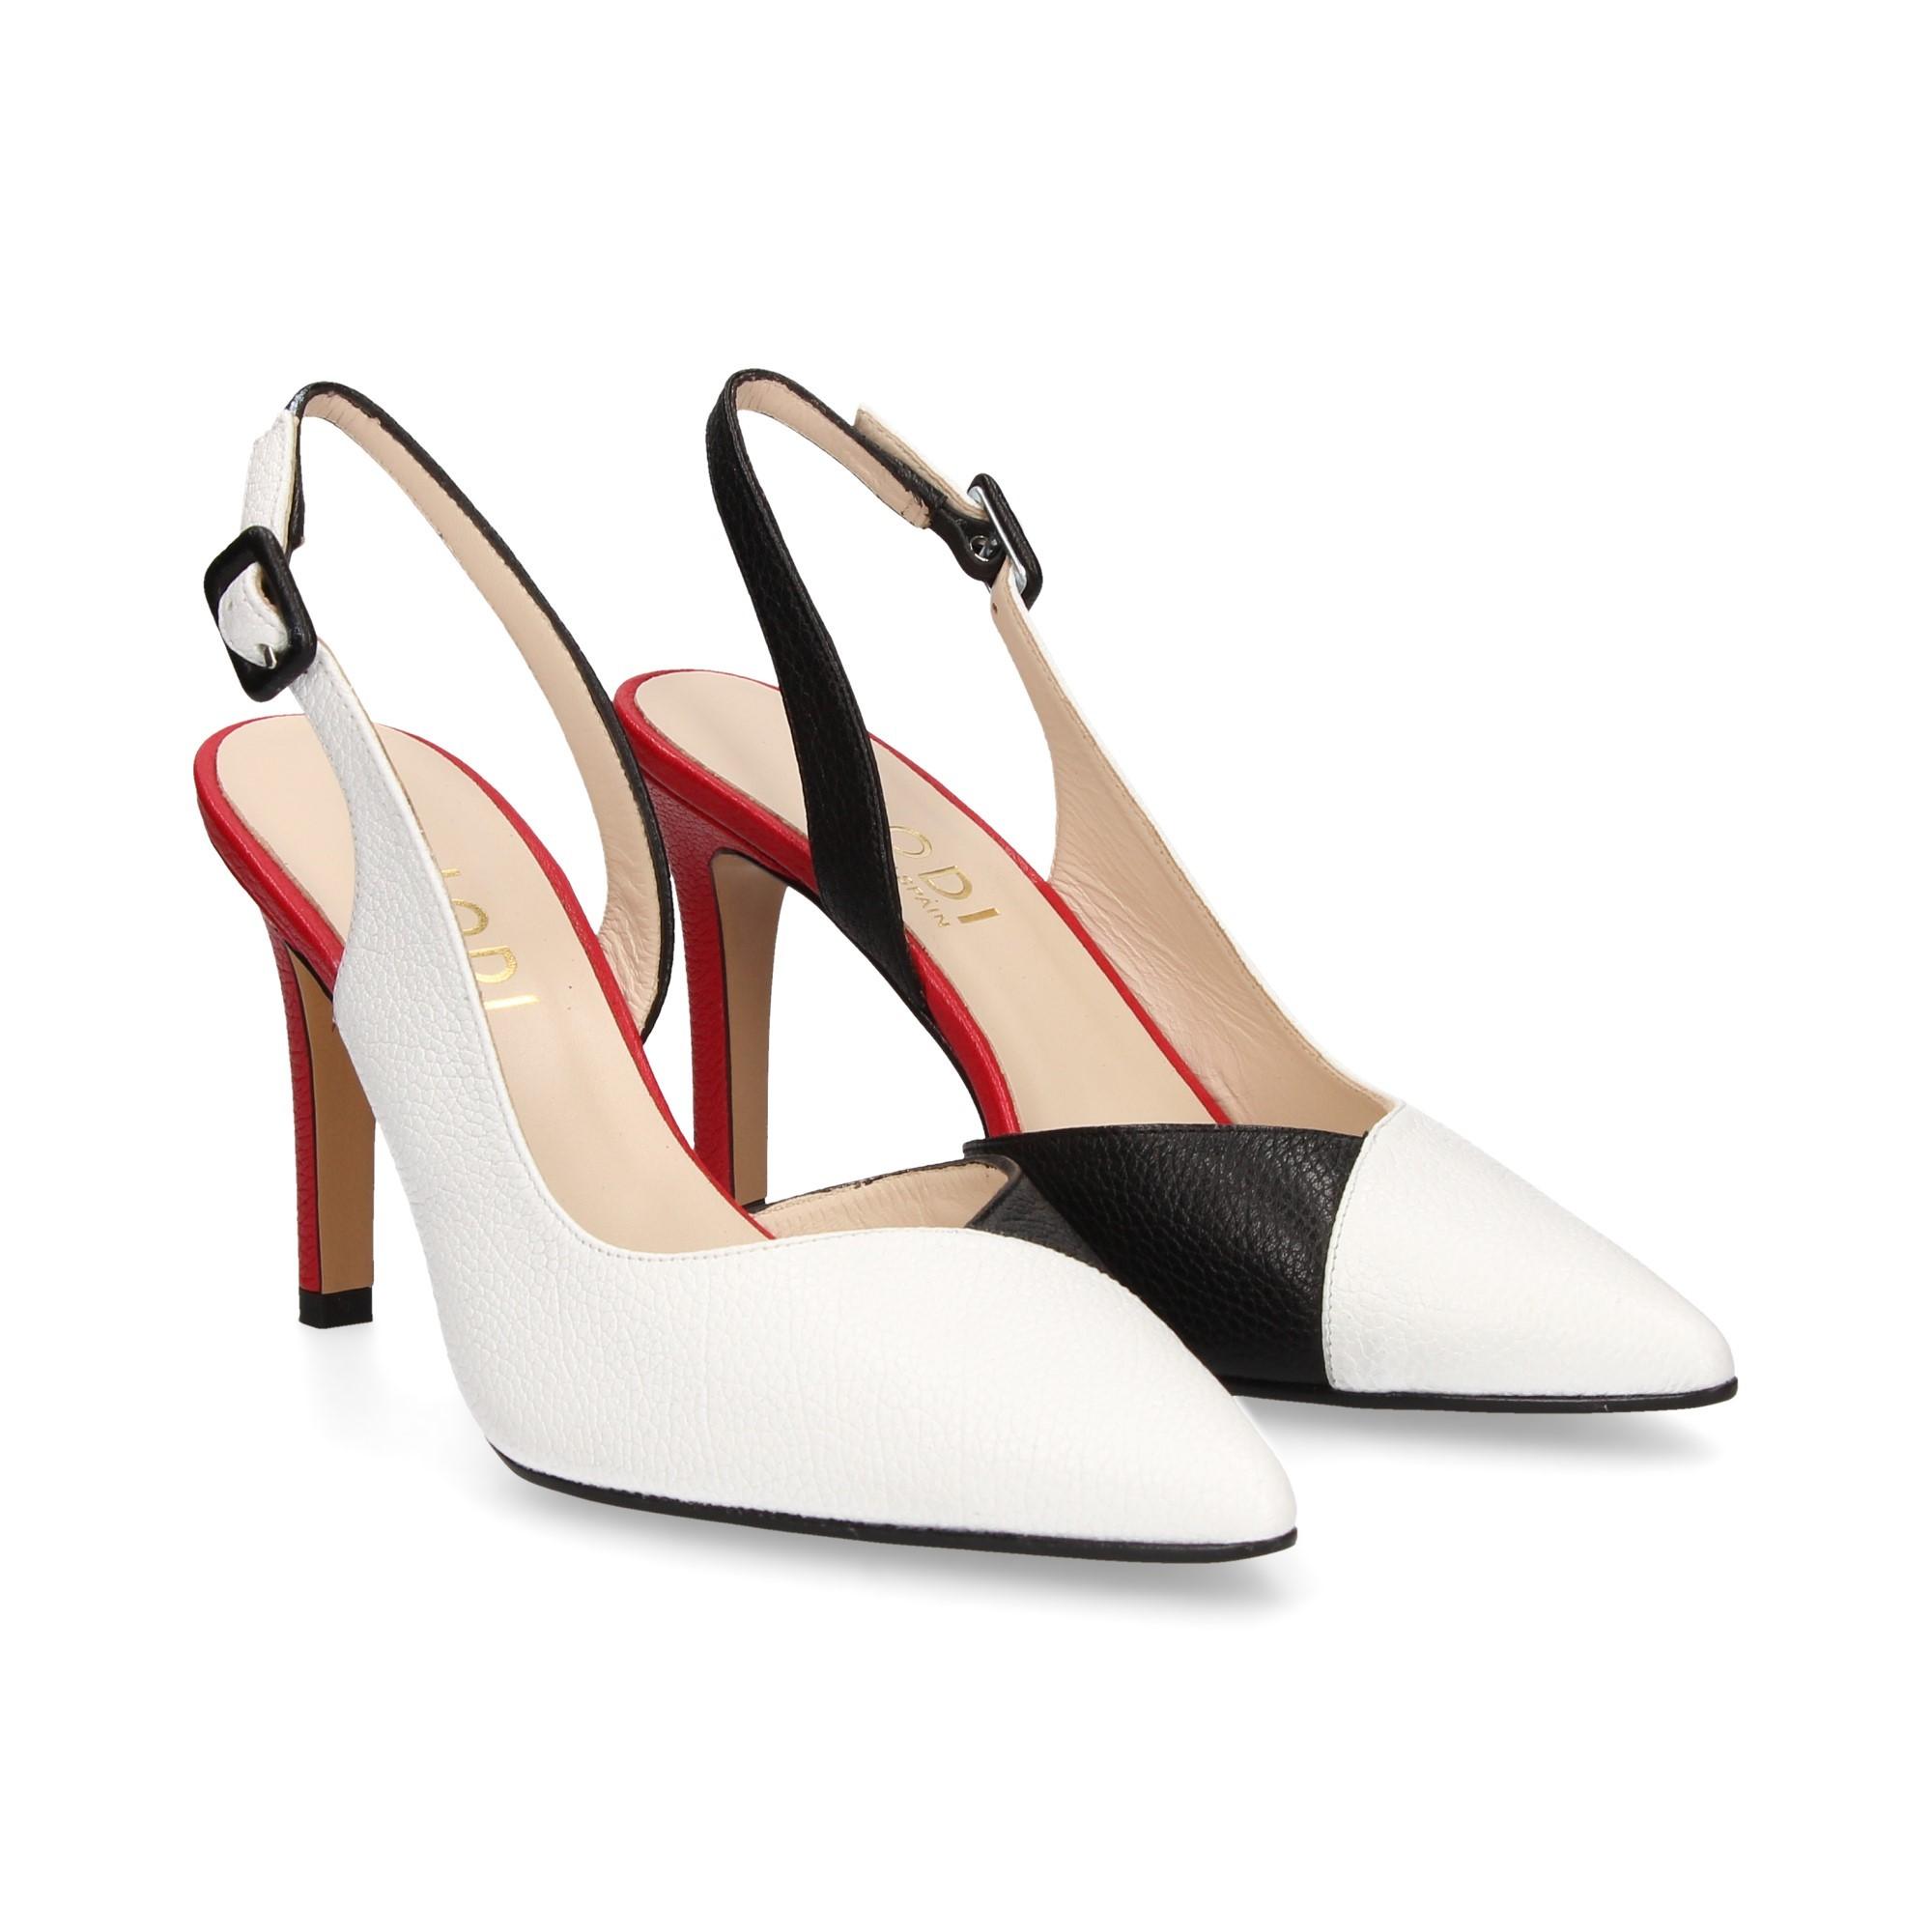 Zapatos De Lodi Blanconegro Alto Tacón Radoru W2eYDHE9Ib